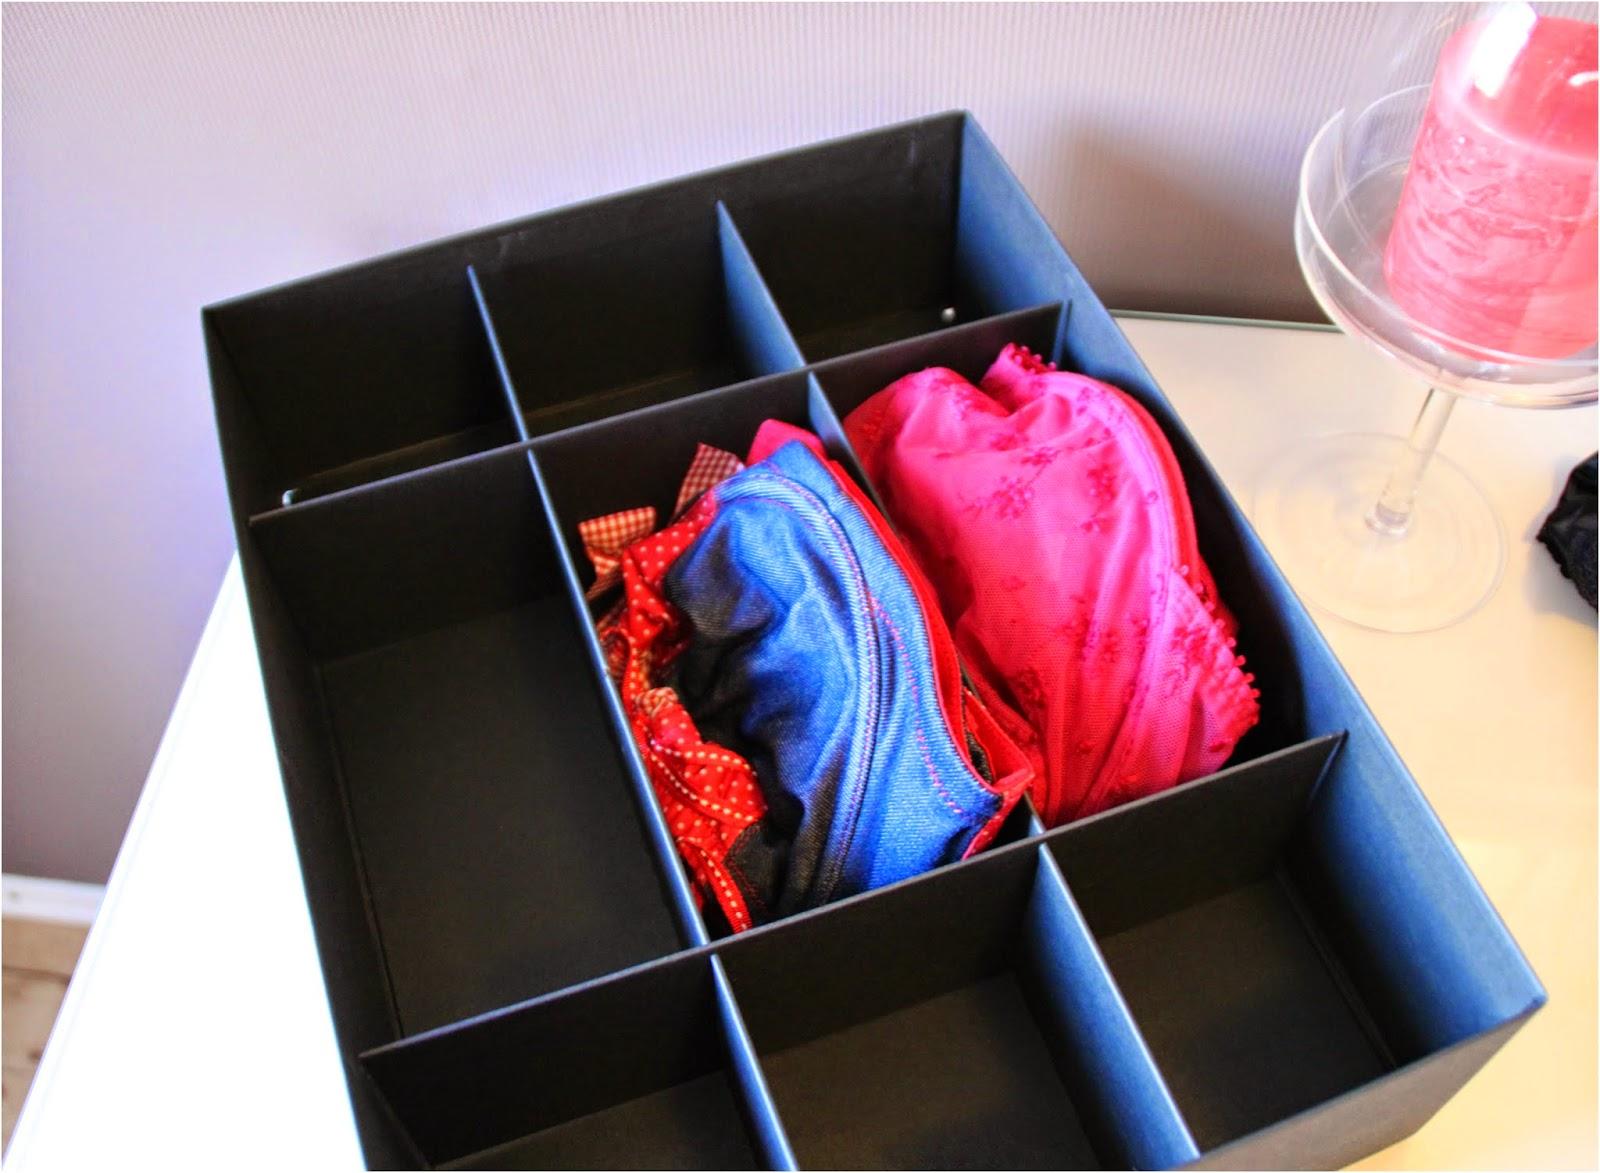 der perfekte sitz f r kleidung teil 2 die unterw sche ordnungsliebe. Black Bedroom Furniture Sets. Home Design Ideas